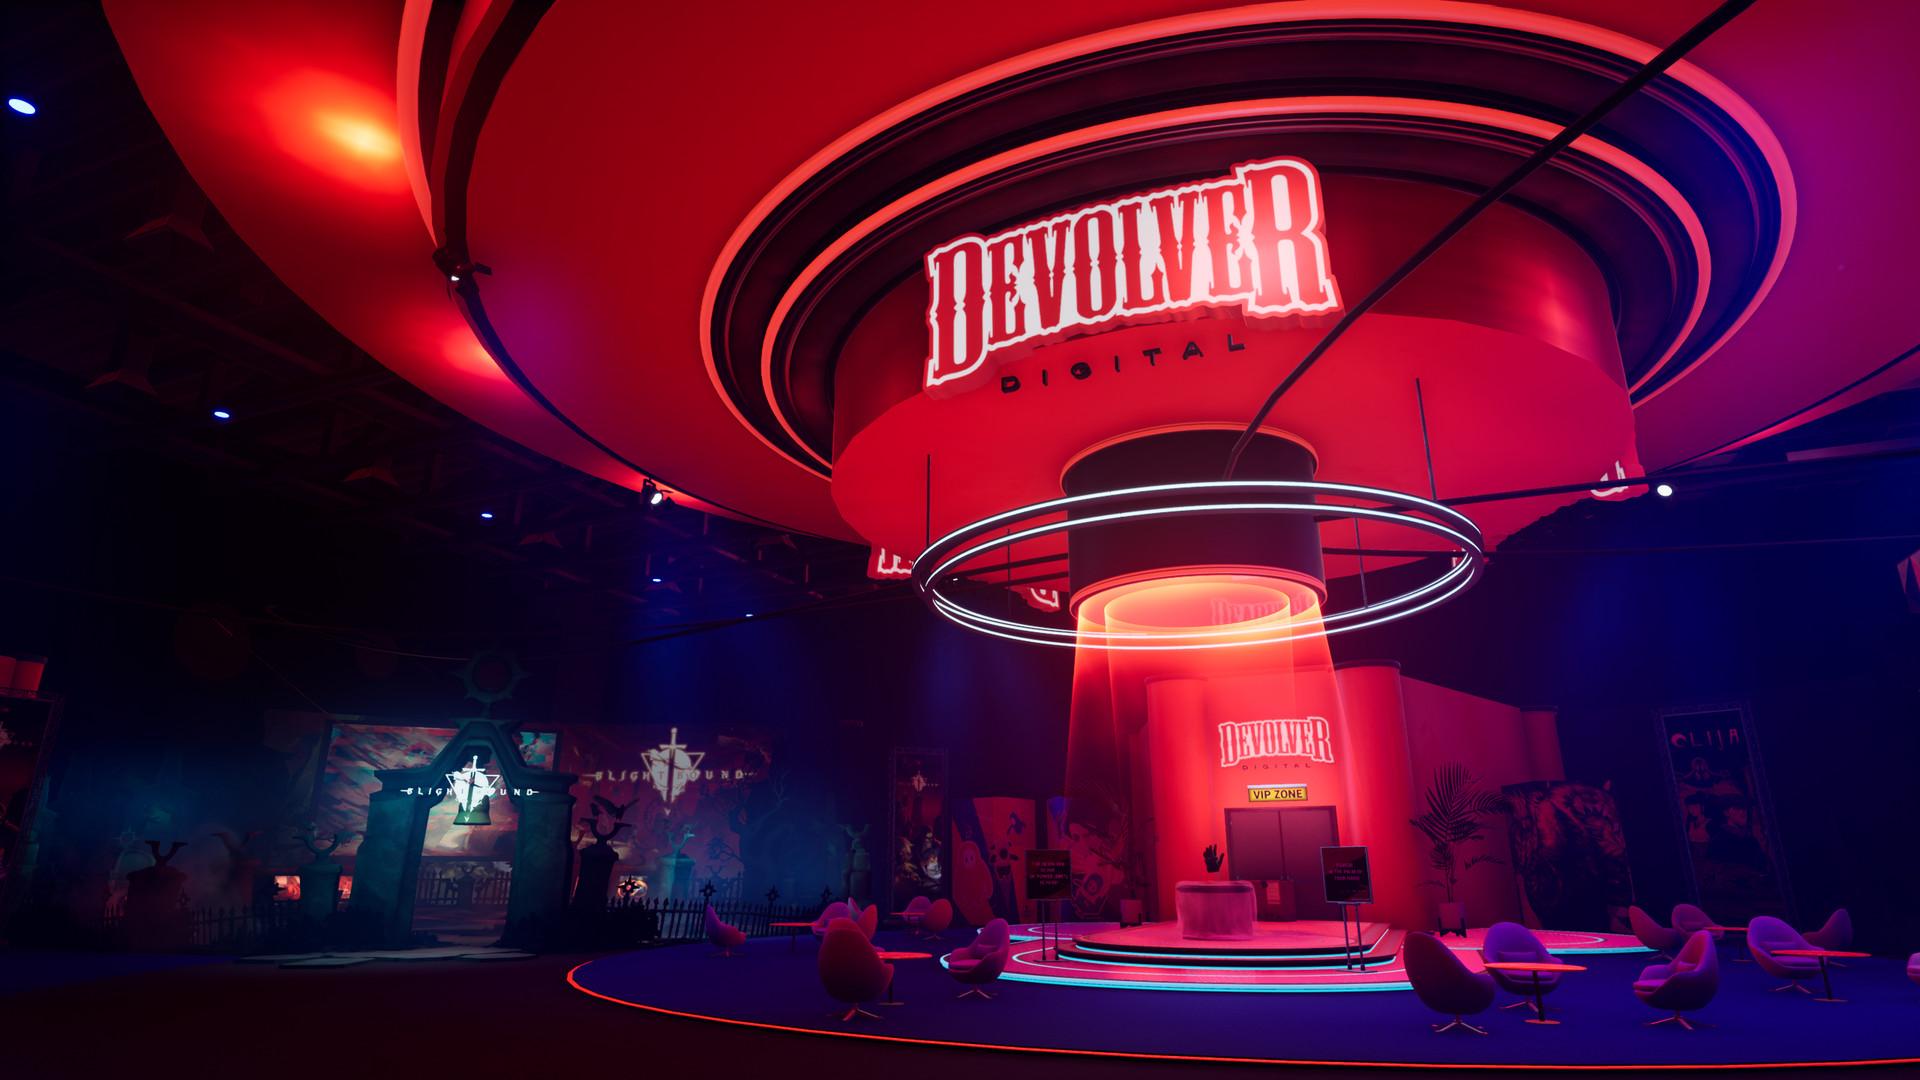 Devolverland Expo Steam